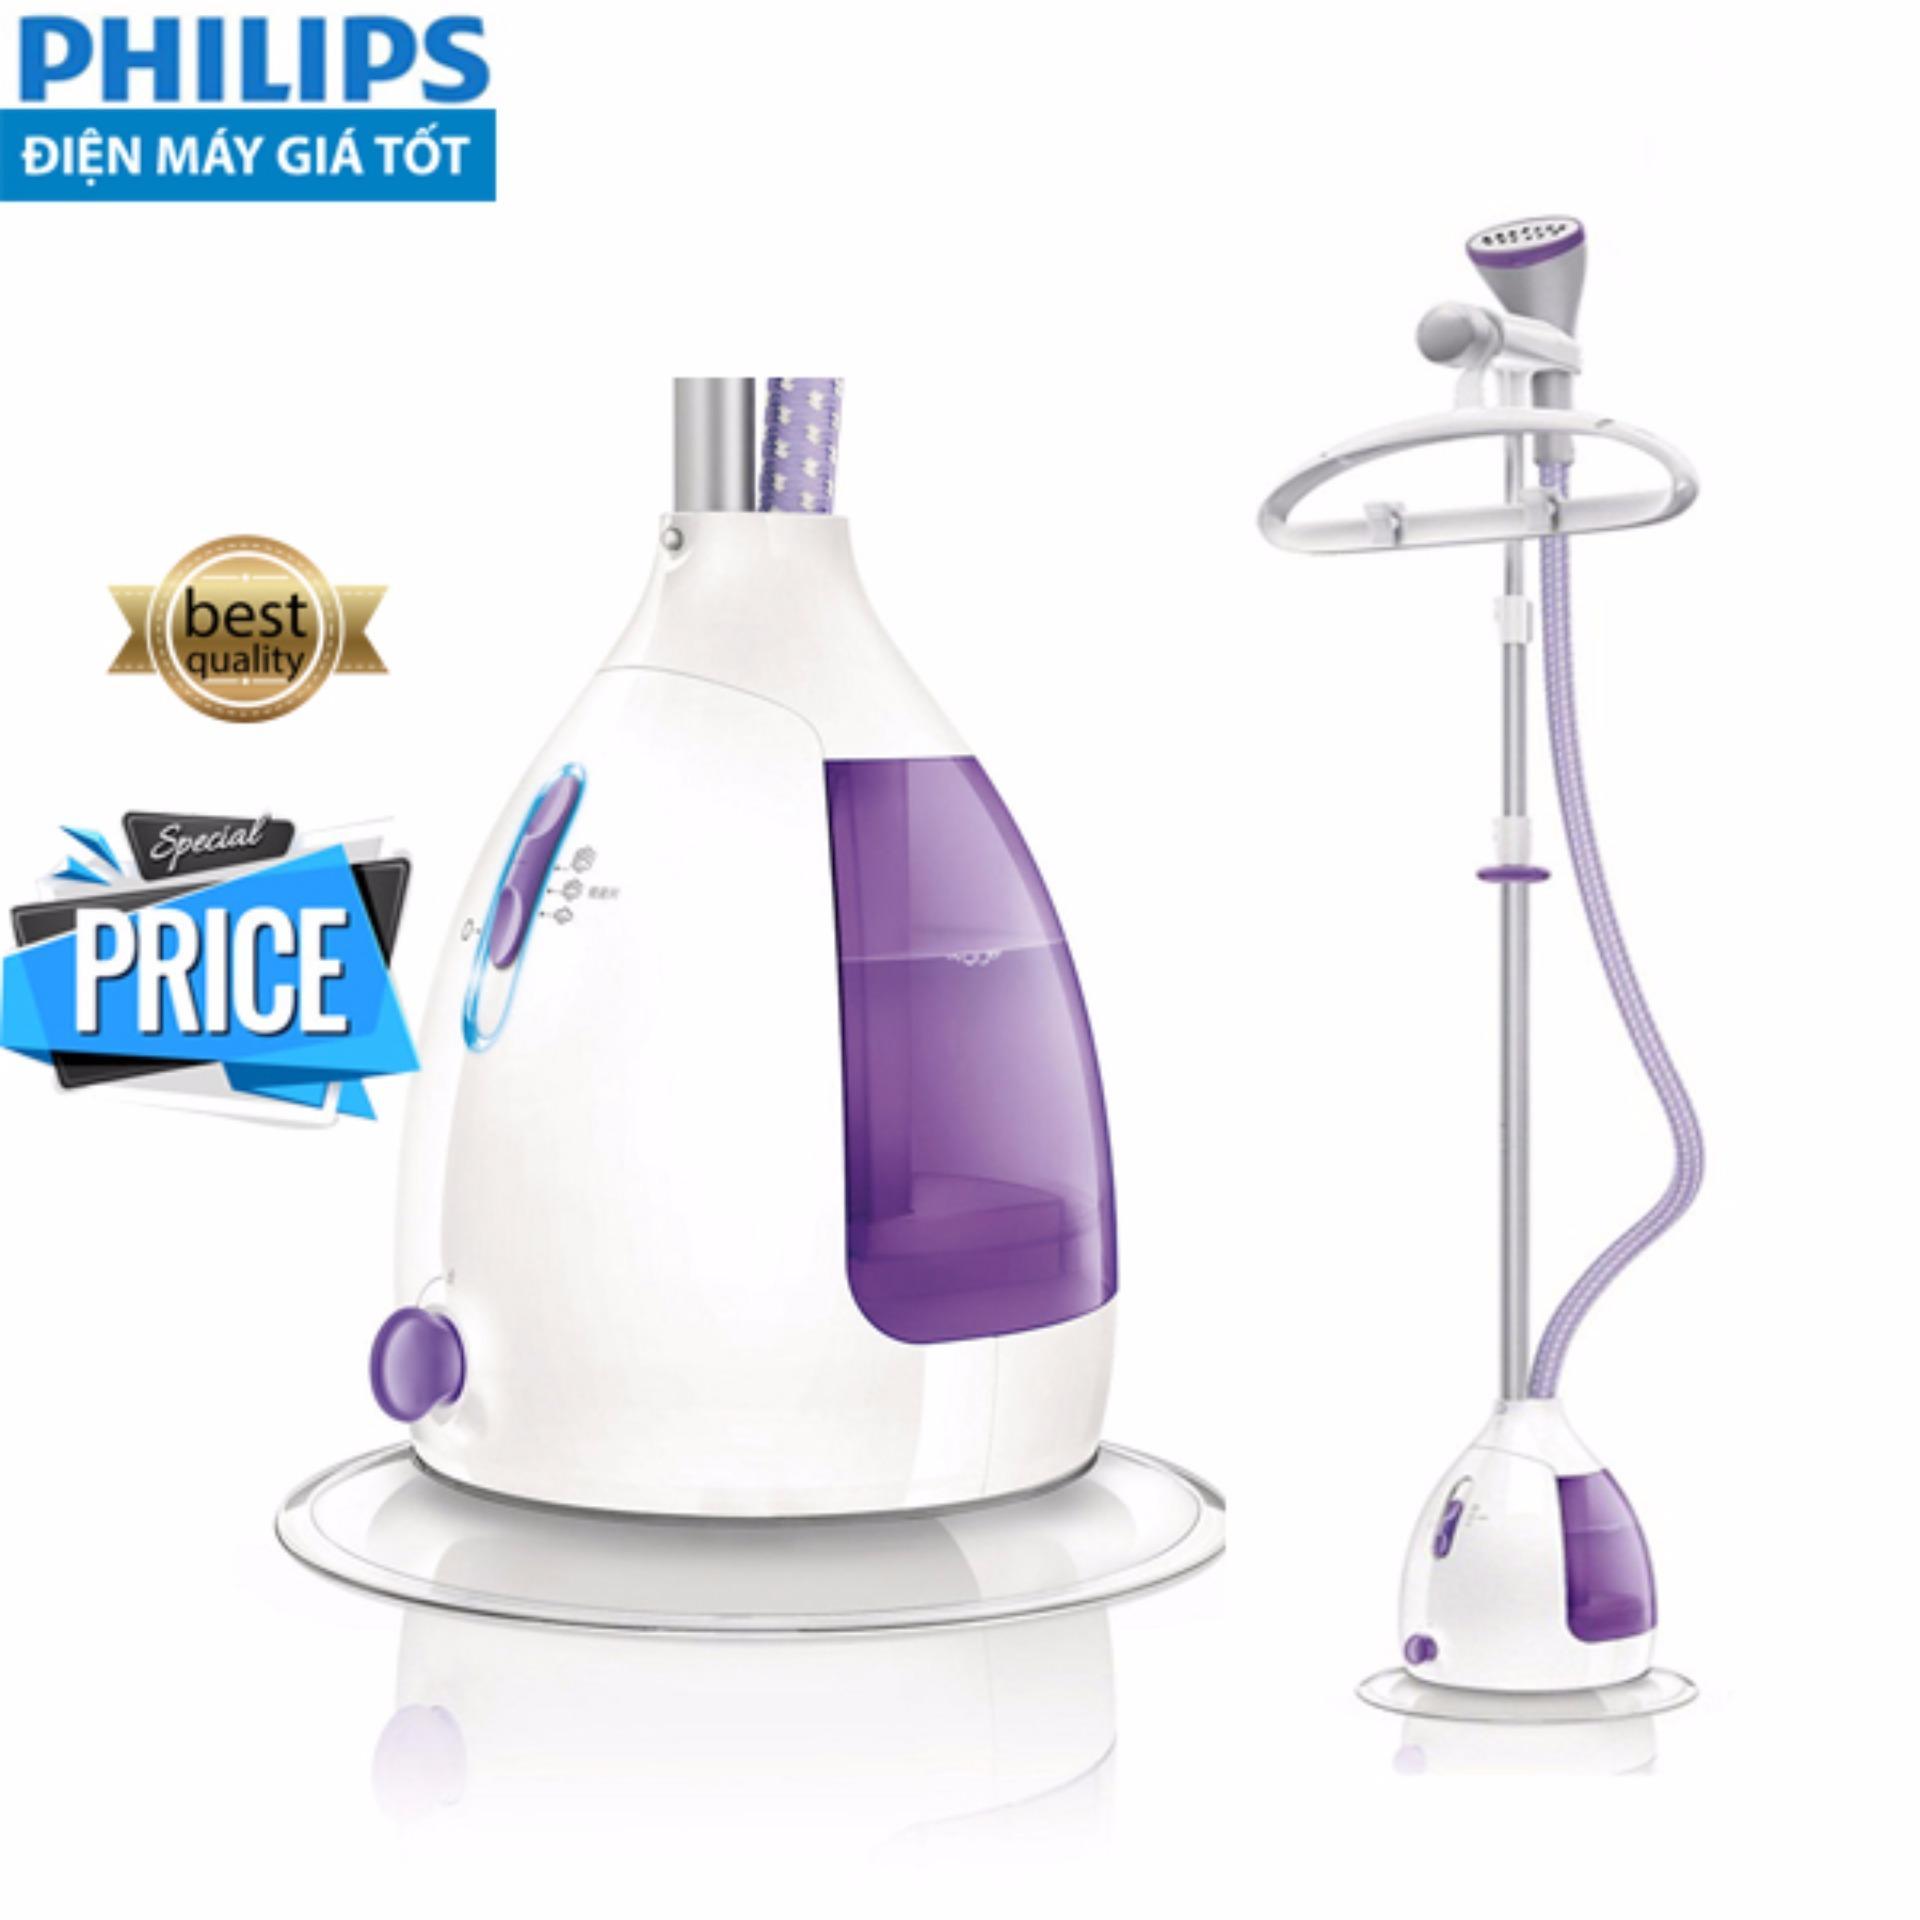 Bàn ủi hơi nước đứng Philips GC536 - Hàng nhập khẩu